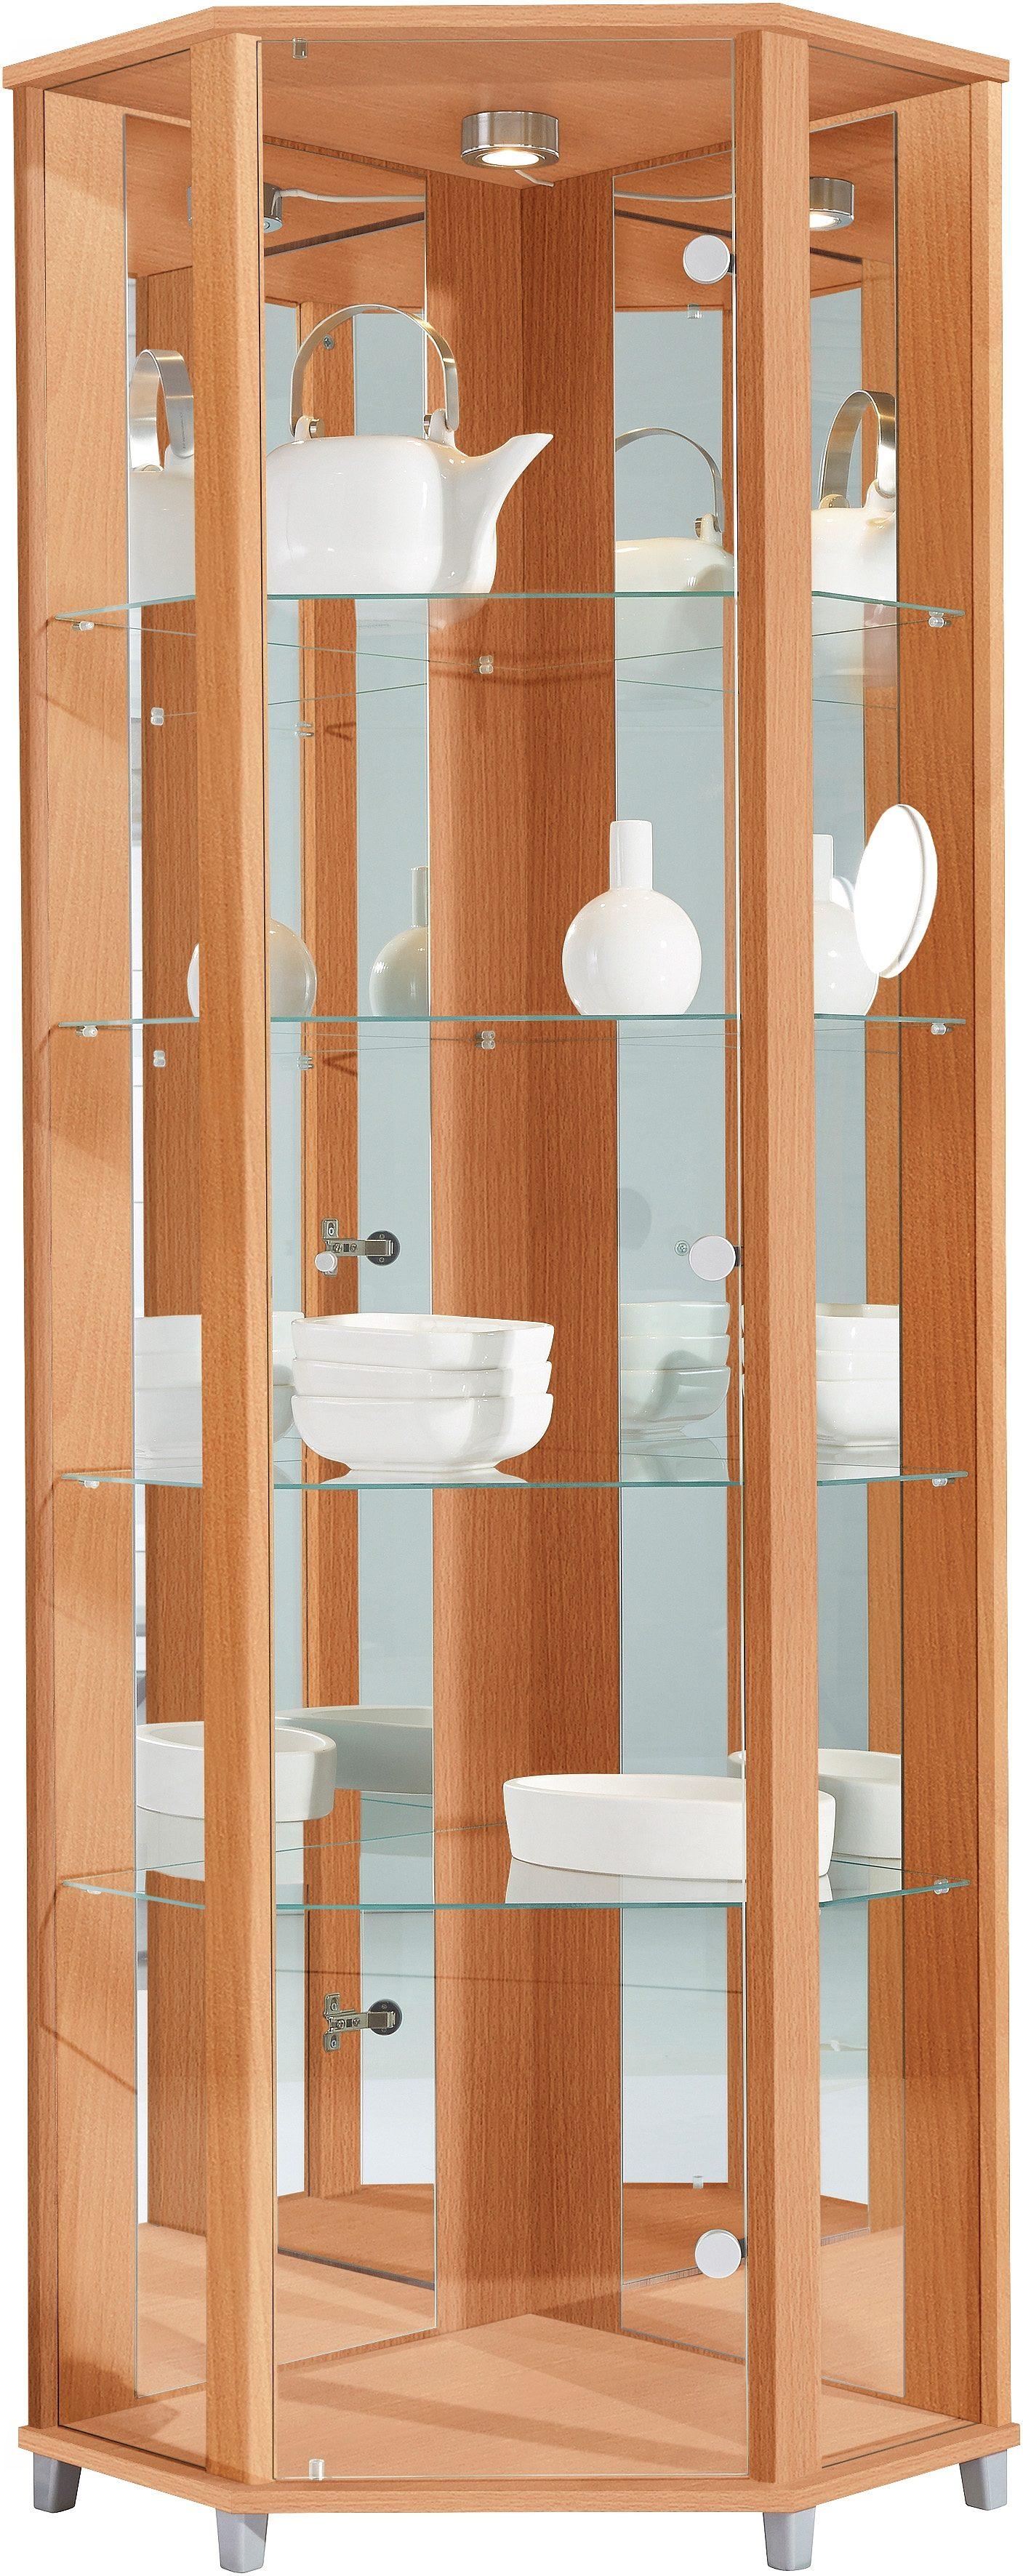 Eckvitrine, Höhe 172 cm, 4 Glasböden | Wohnzimmer > Vitrinen > Eckvitrinen | Melamin